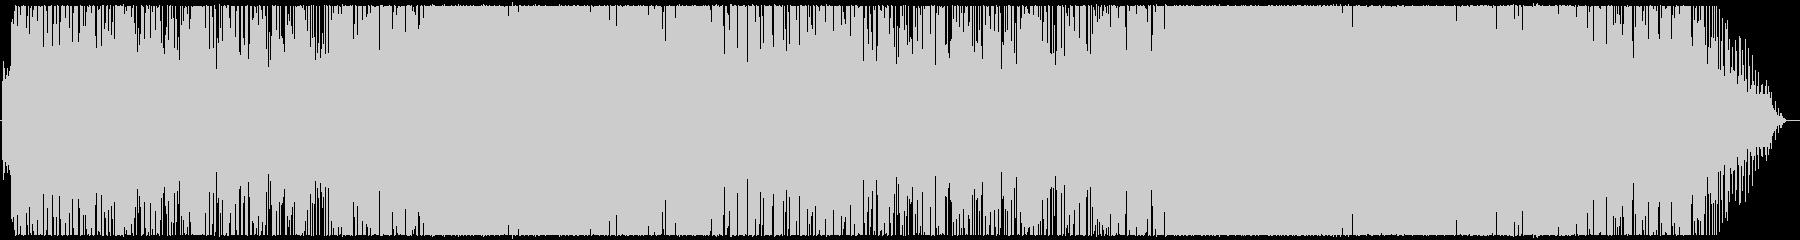 オシャレで軽快なノリの良いポップスの未再生の波形